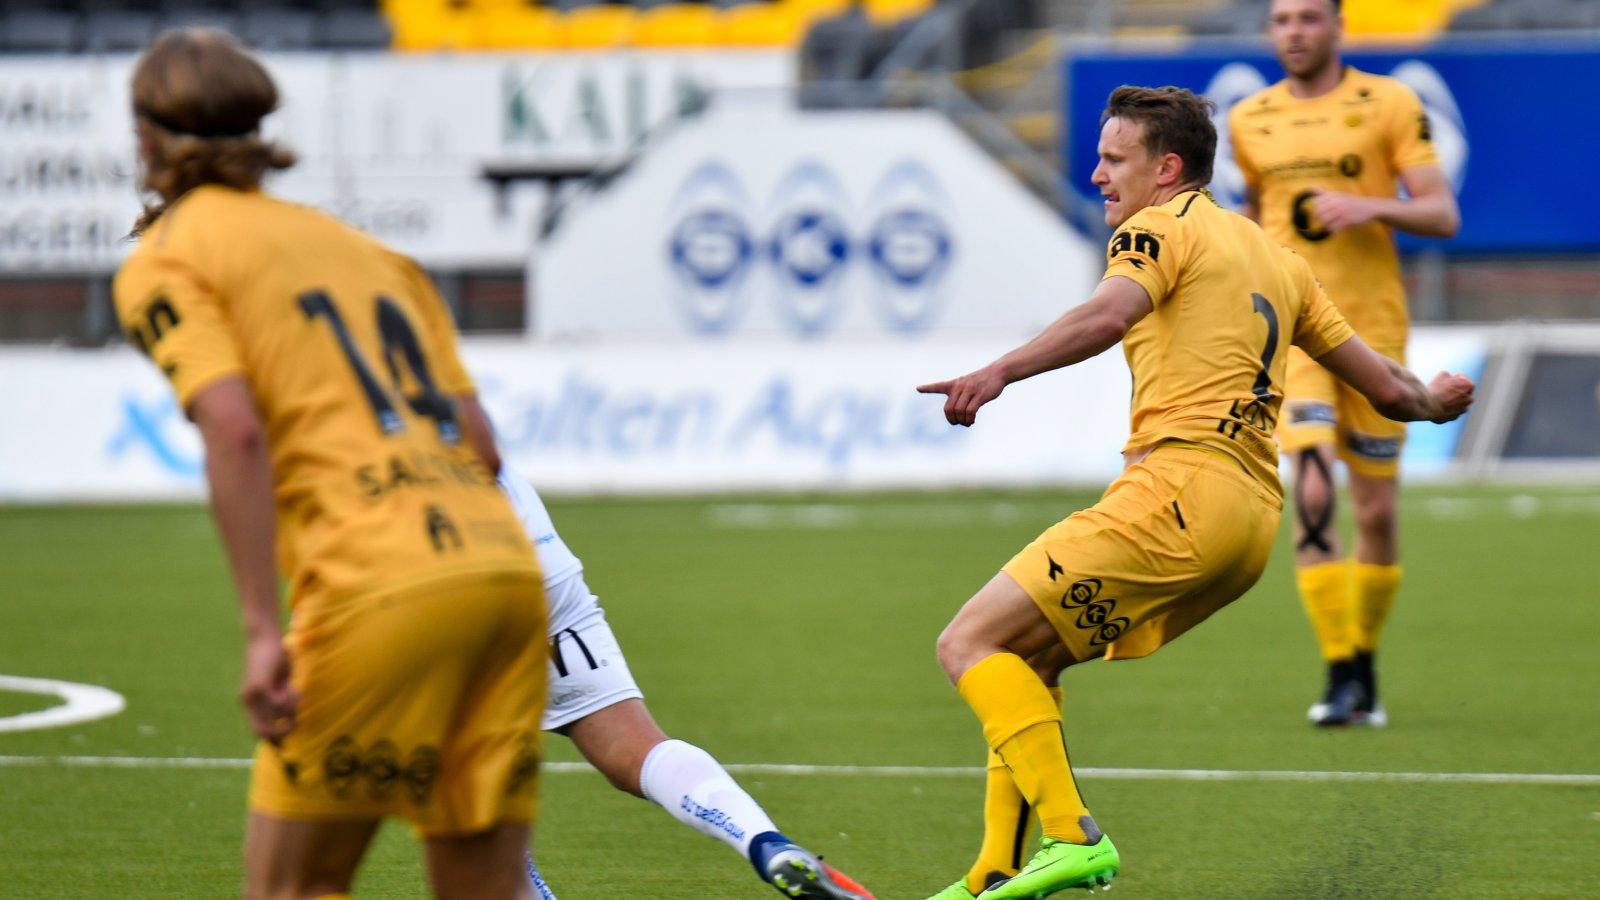 KRAFT I KULA: Midtstopper Marius Lode sender avgårde en stilfull pasning i kampen mellom Bodø/Glimt og Jerv på Aspmyra. (FOTO: Kent Even Grundstad)